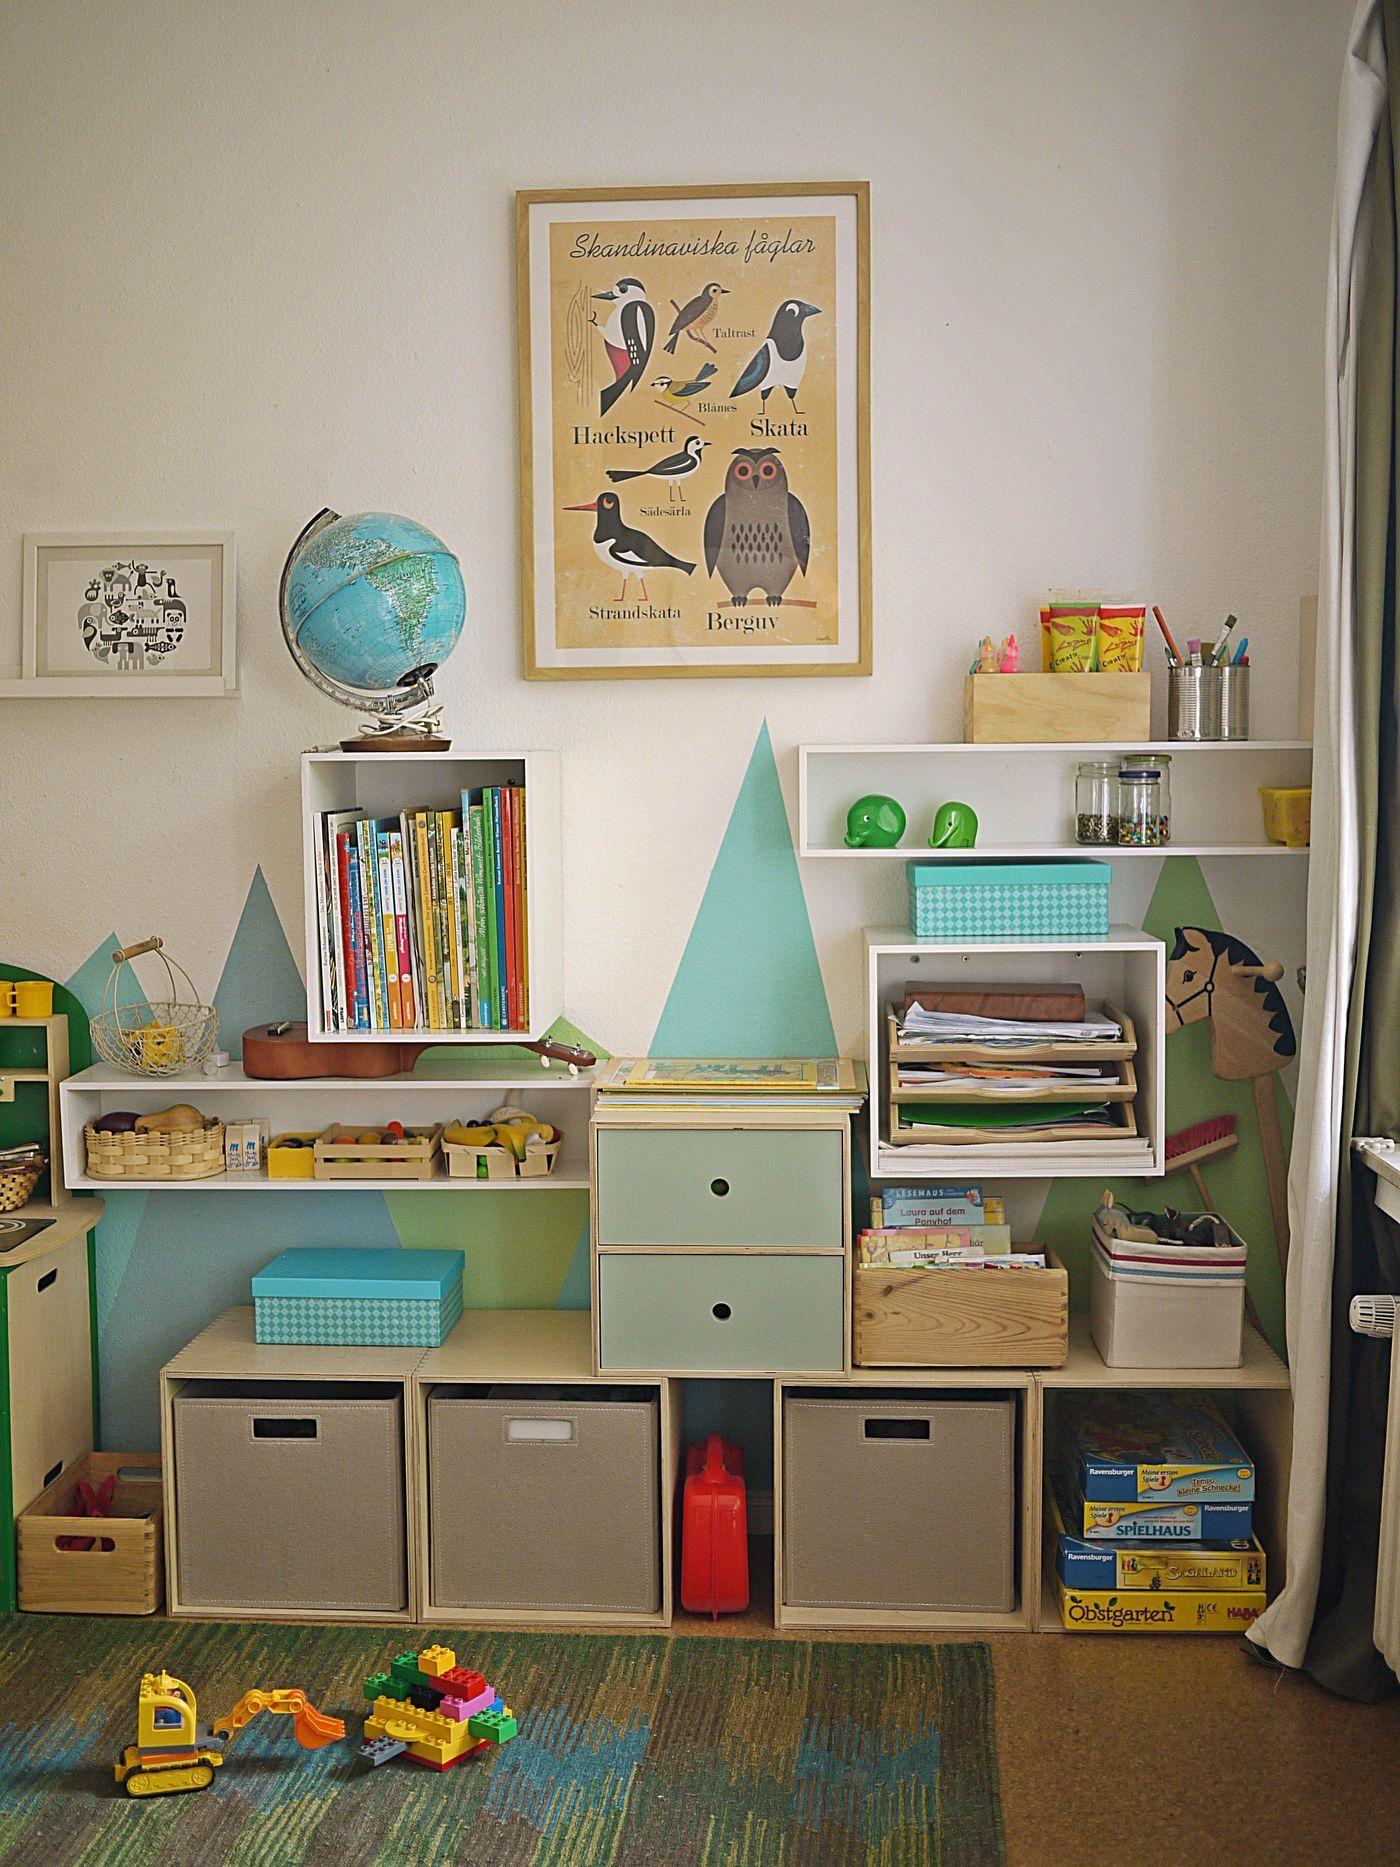 Full Size of Kinderzimmer Aufbewahrung Regal Gebraucht Ikea Aufbewahrungskorb Grau Aufbewahrungsbox Spielzeug Ideen Fr Stauraum Und Im Sofa Küche Aufbewahrungssystem Kinderzimmer Kinderzimmer Aufbewahrung